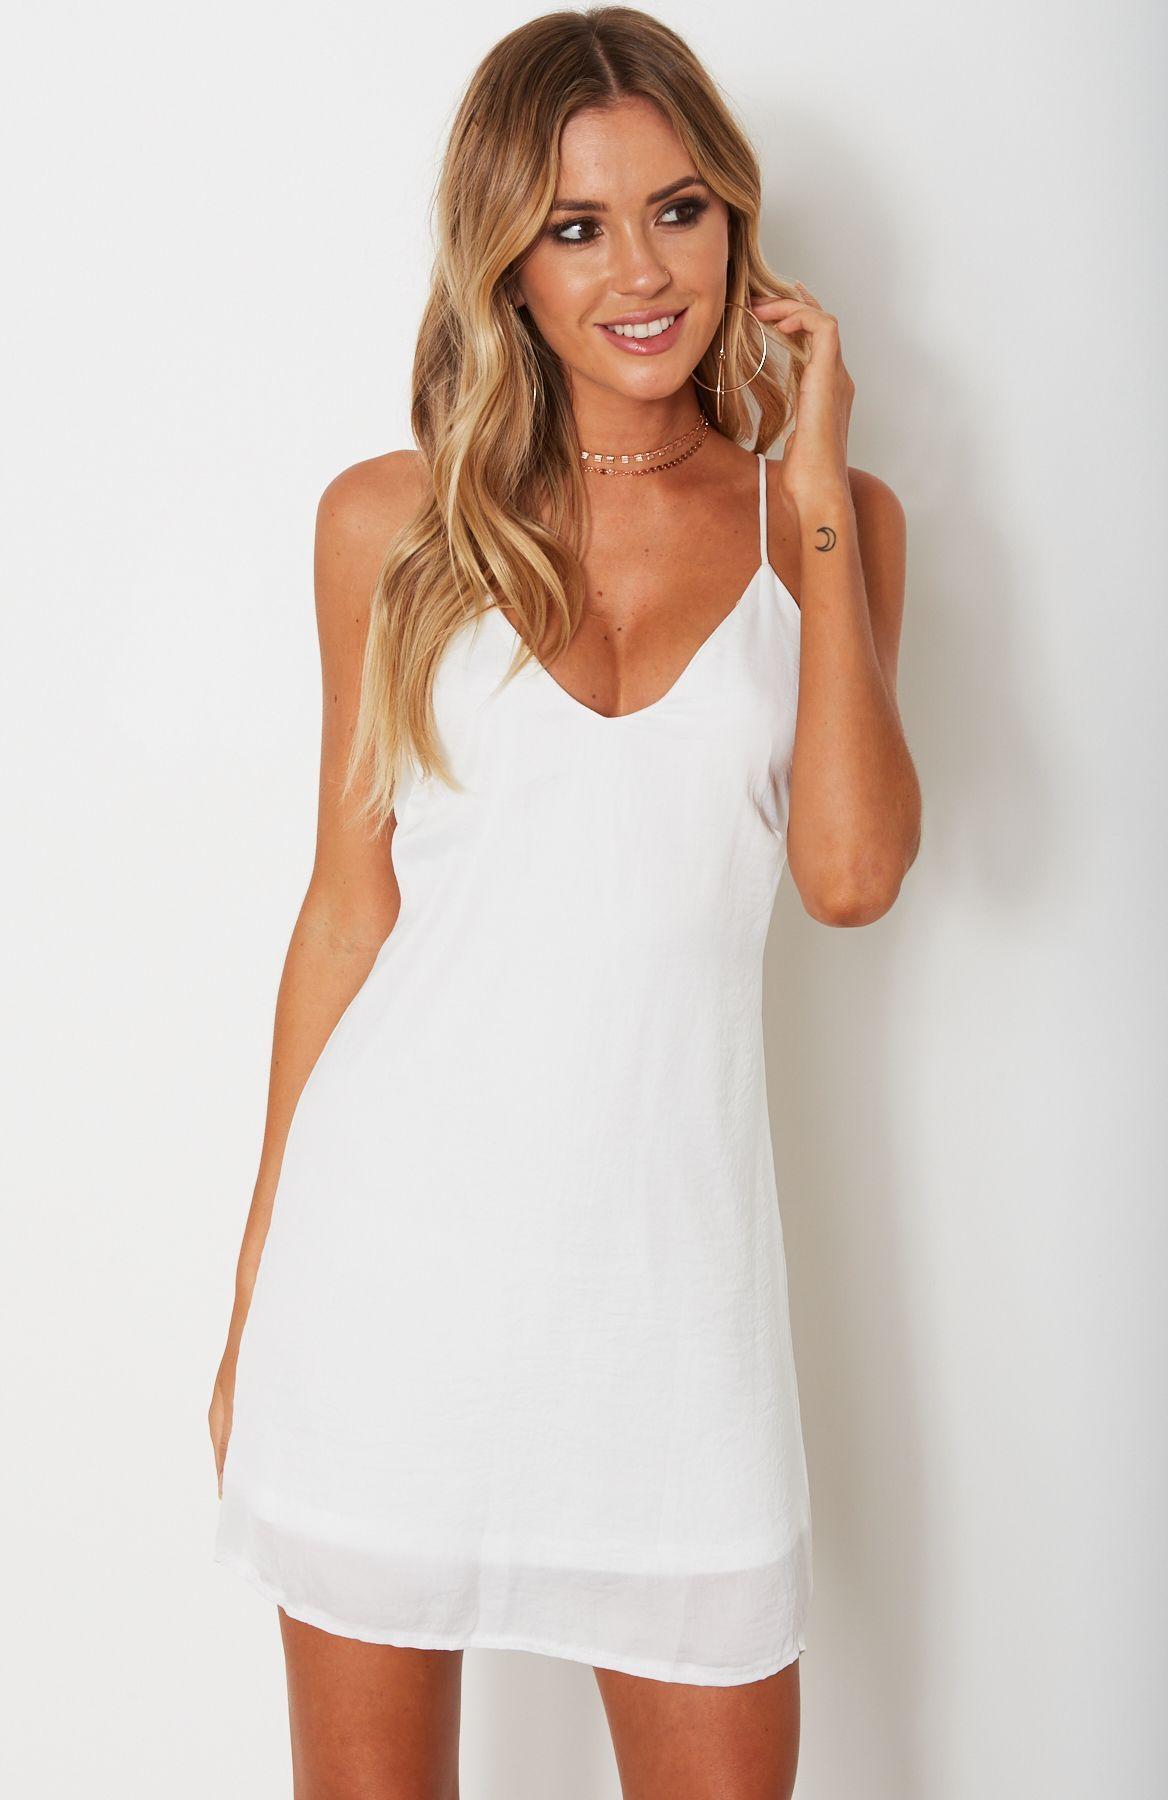 Breakaway slip dress white white slip dress tank top